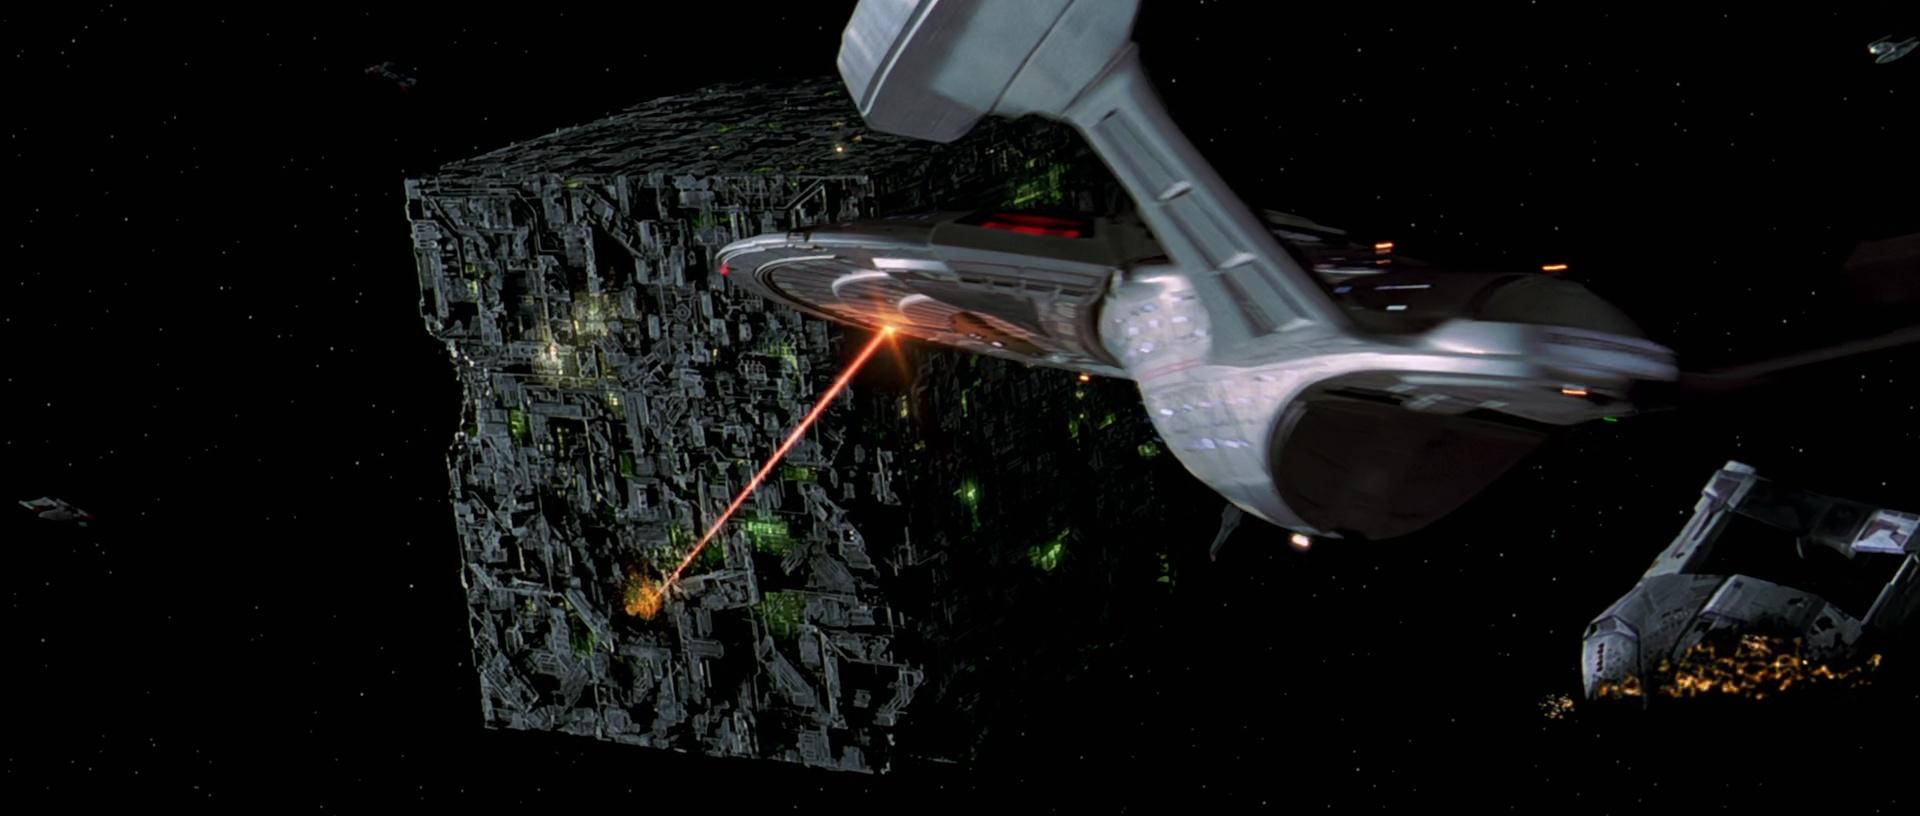 Uss Enterprise E Nemesis